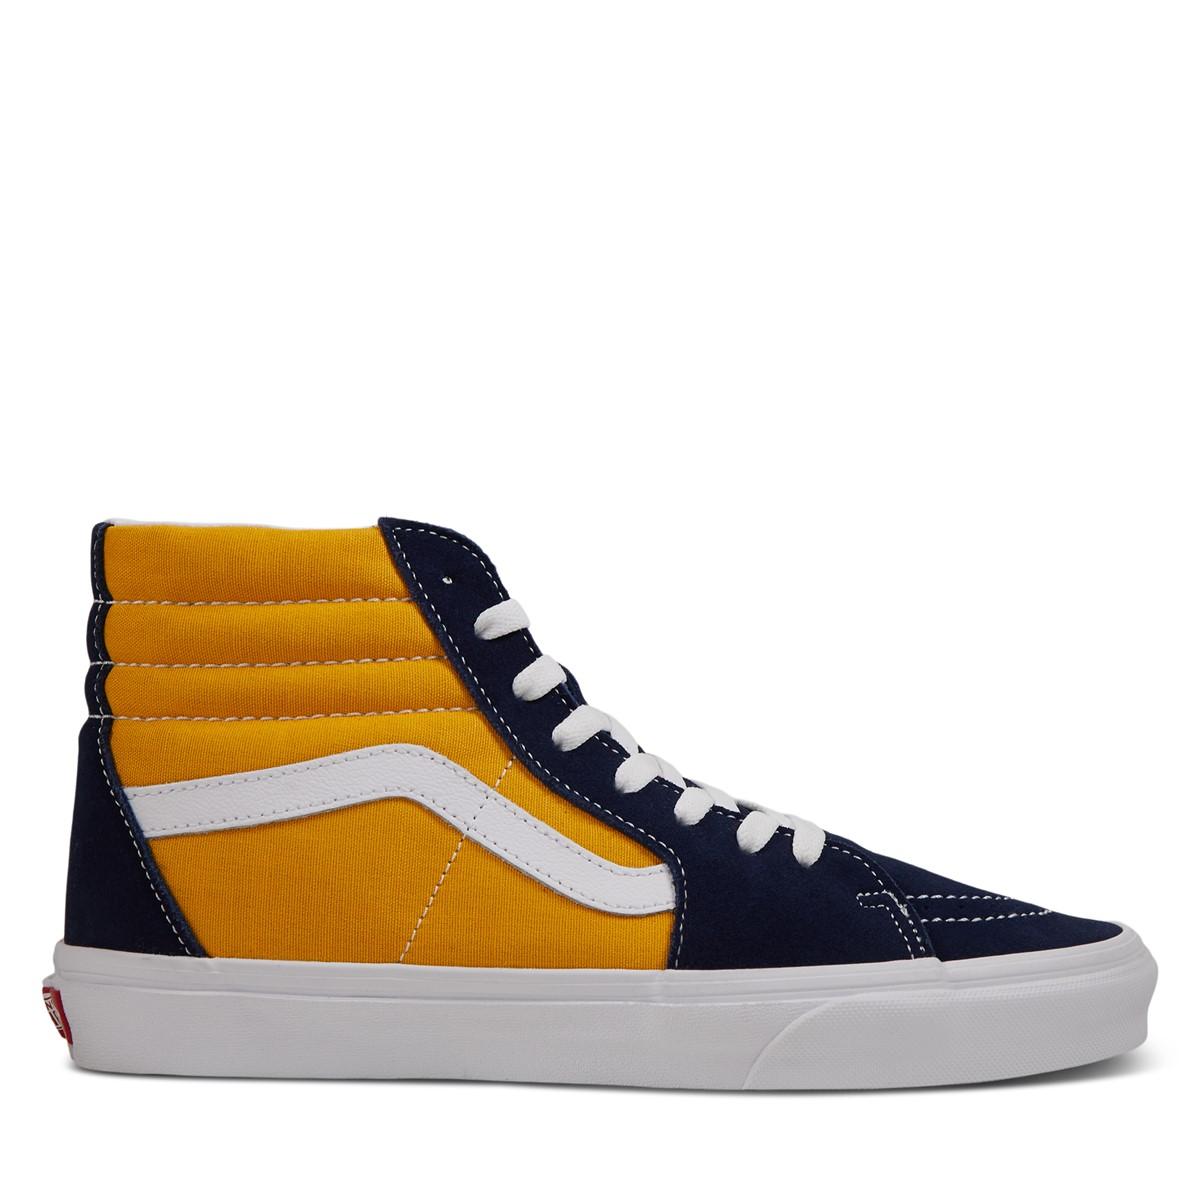 Men's Sk8-Hi Sneakers in Navy Blue/Yellow